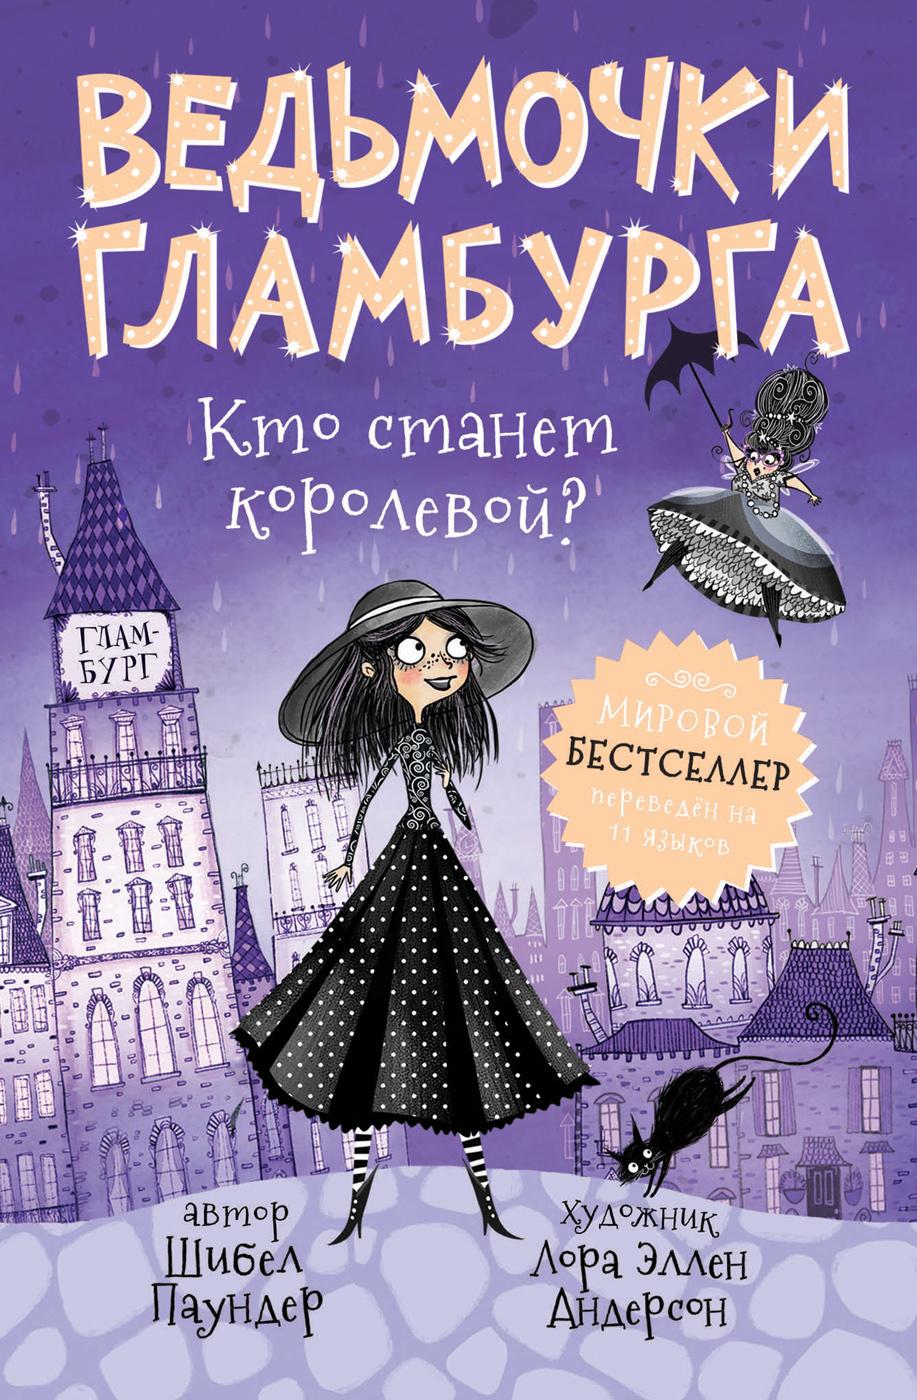 «Ведьмочки Гламбурга. Кто станет королевой?» Шибел Паундер